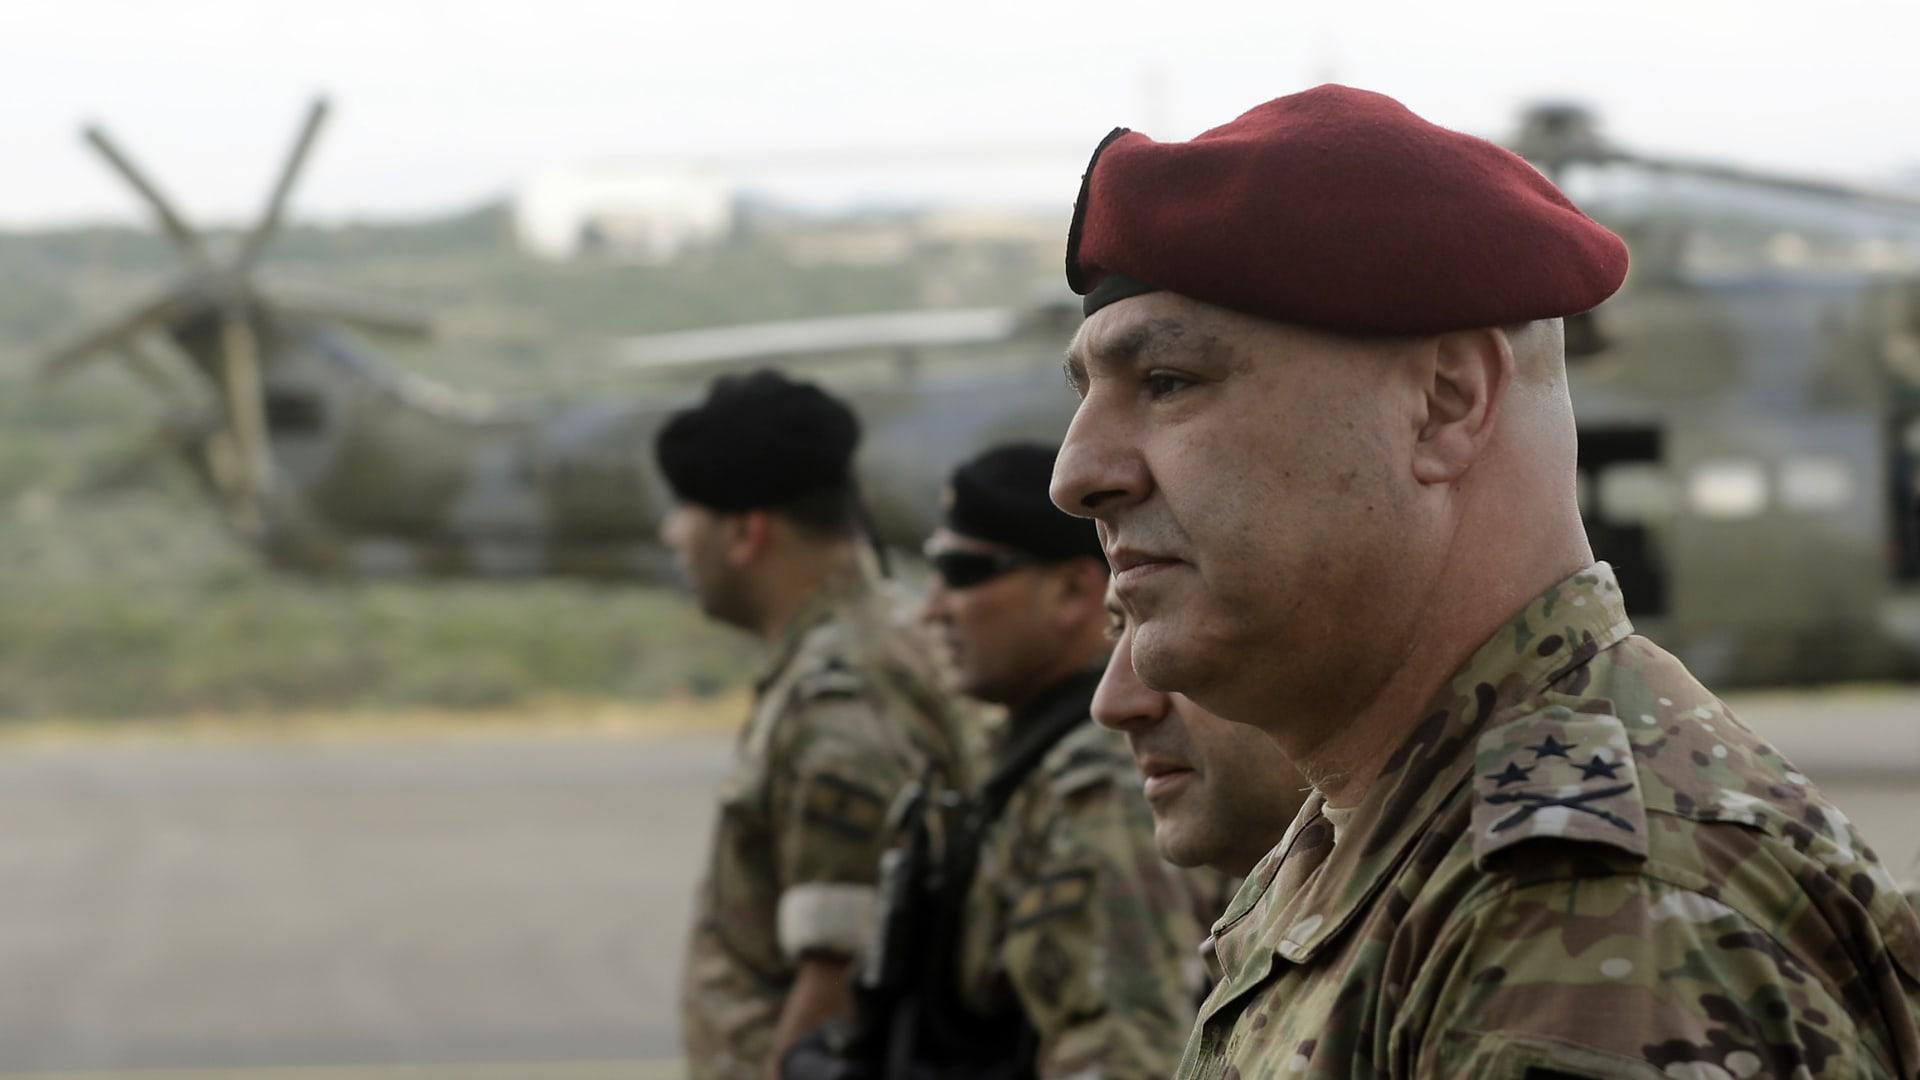 لبنان: قائد الجيش يحذر من انفجار الوضع بالبلاد.. ويتحدث عن دور الجيش في المفاوضات مع إسرائيل